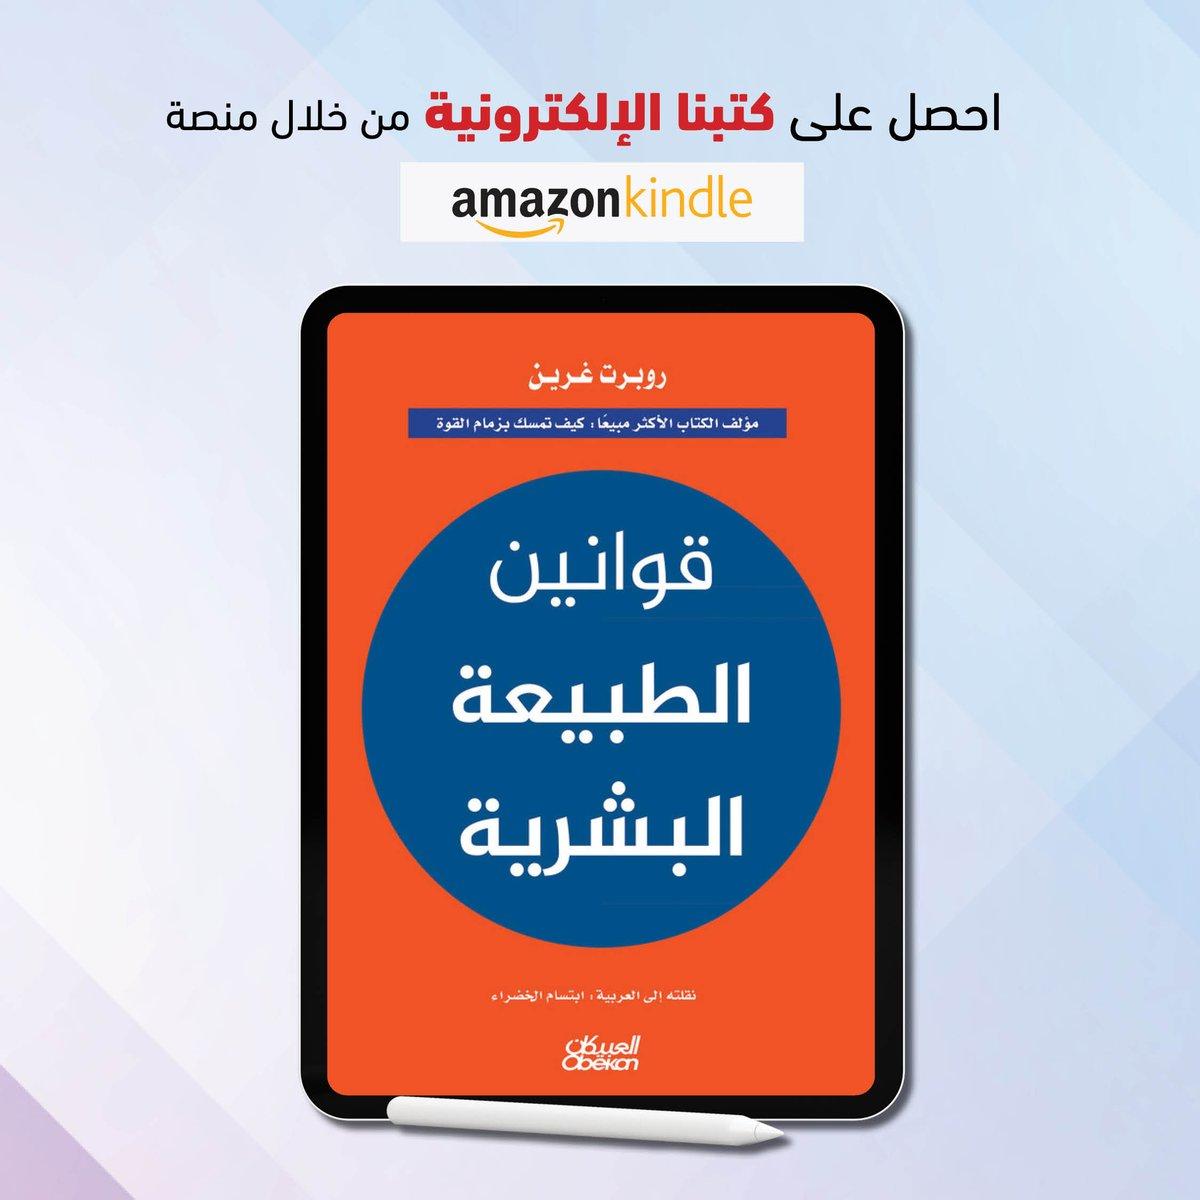 احصل على إصدارات #العبيكان_للنشر #الإلكترونية من خلال منصة #أمازون_كيندل عبر الرابط     #السعودية #كتب